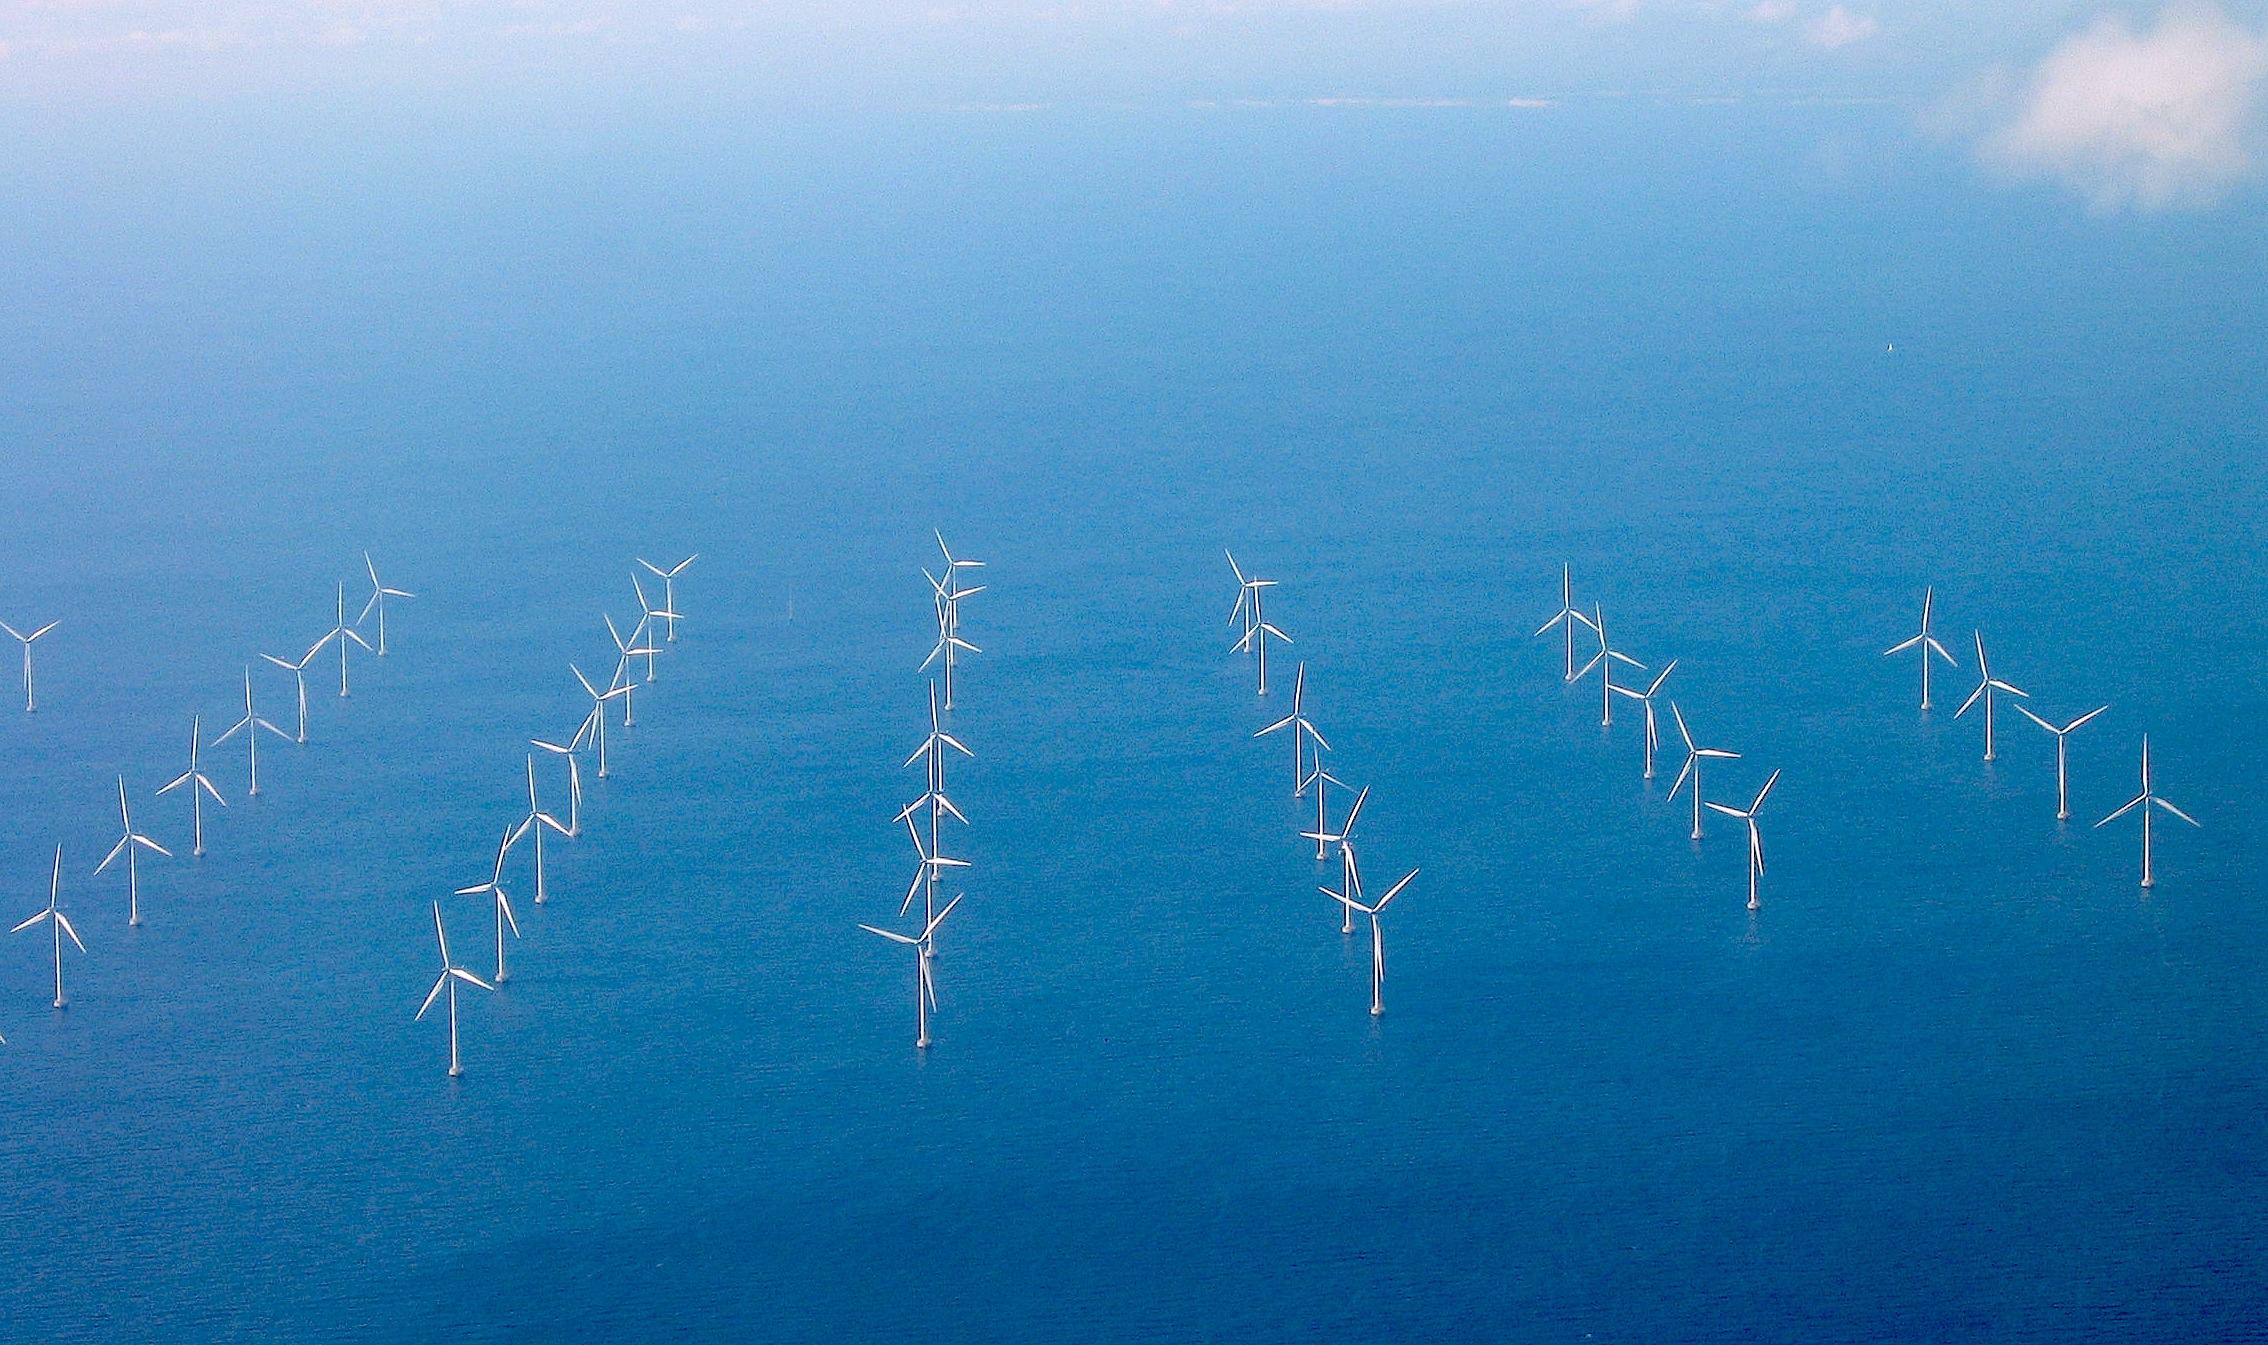 Éoliennes : comment prévenir les pannes en mer